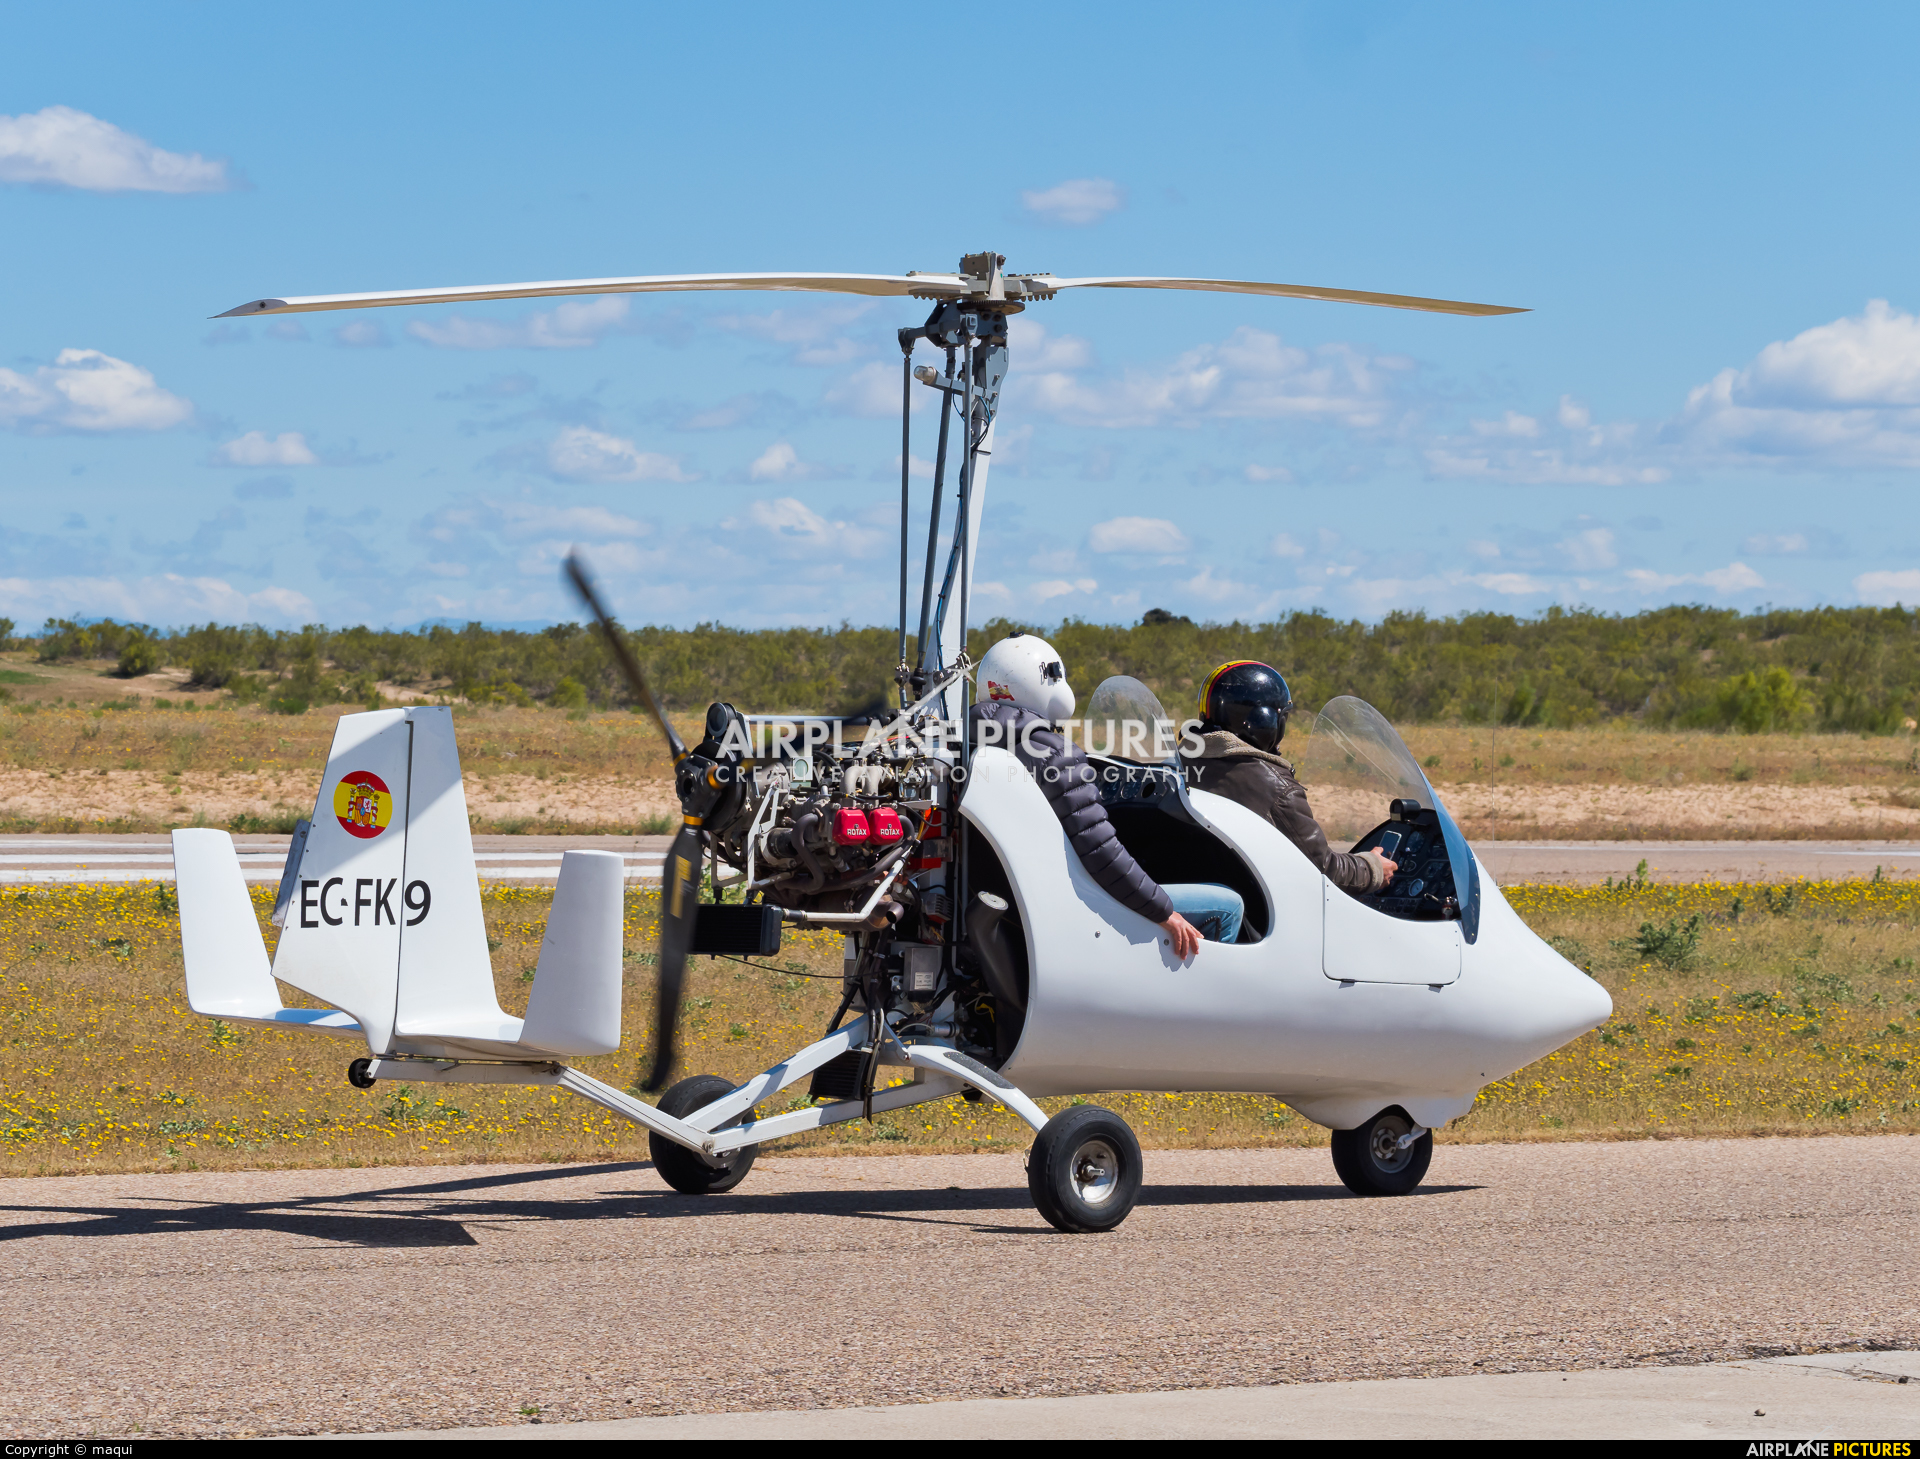 Private EC-FK9 aircraft at Casarrubios del Monte